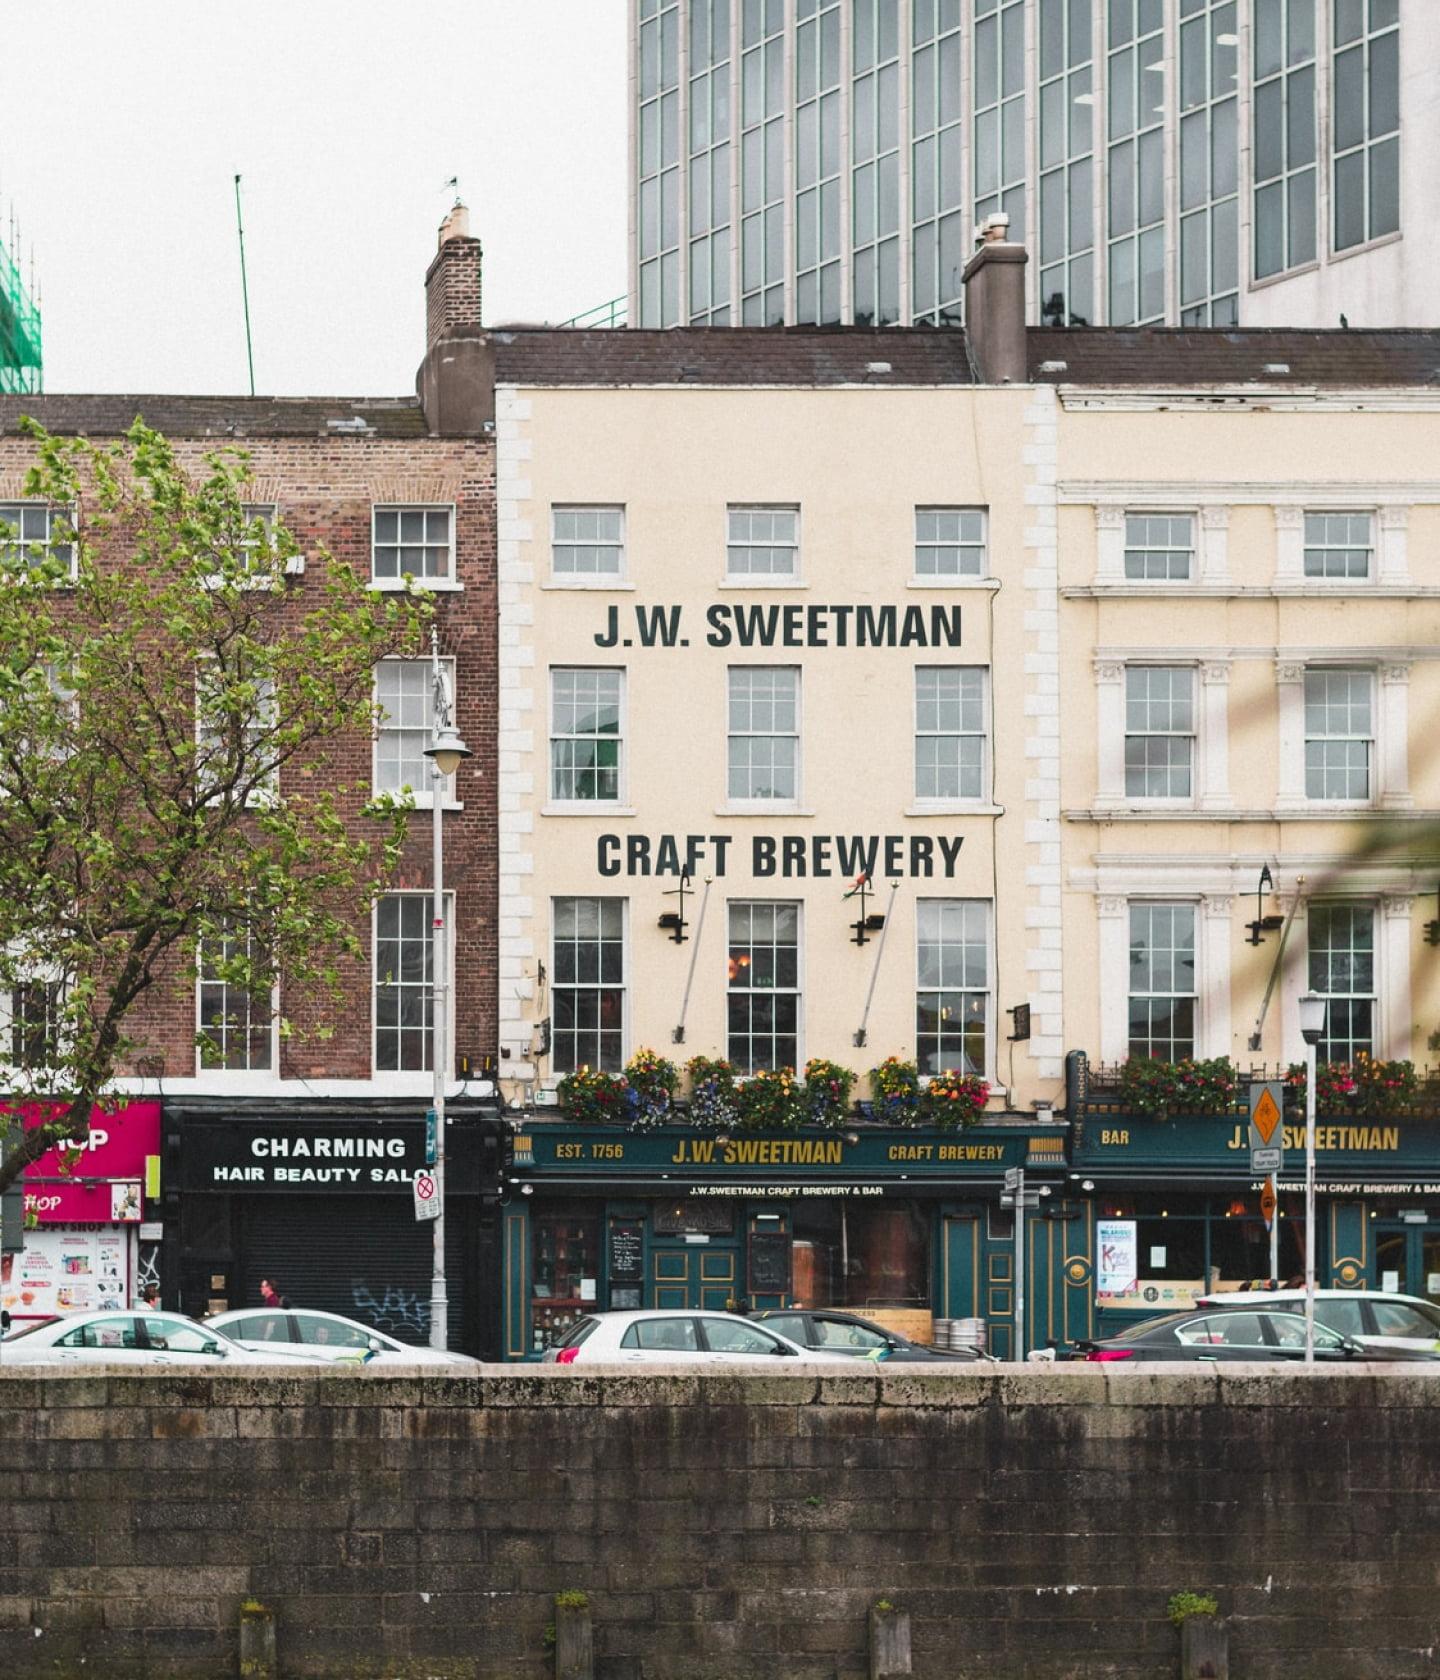 Sales & Marketing Internship in Dublin